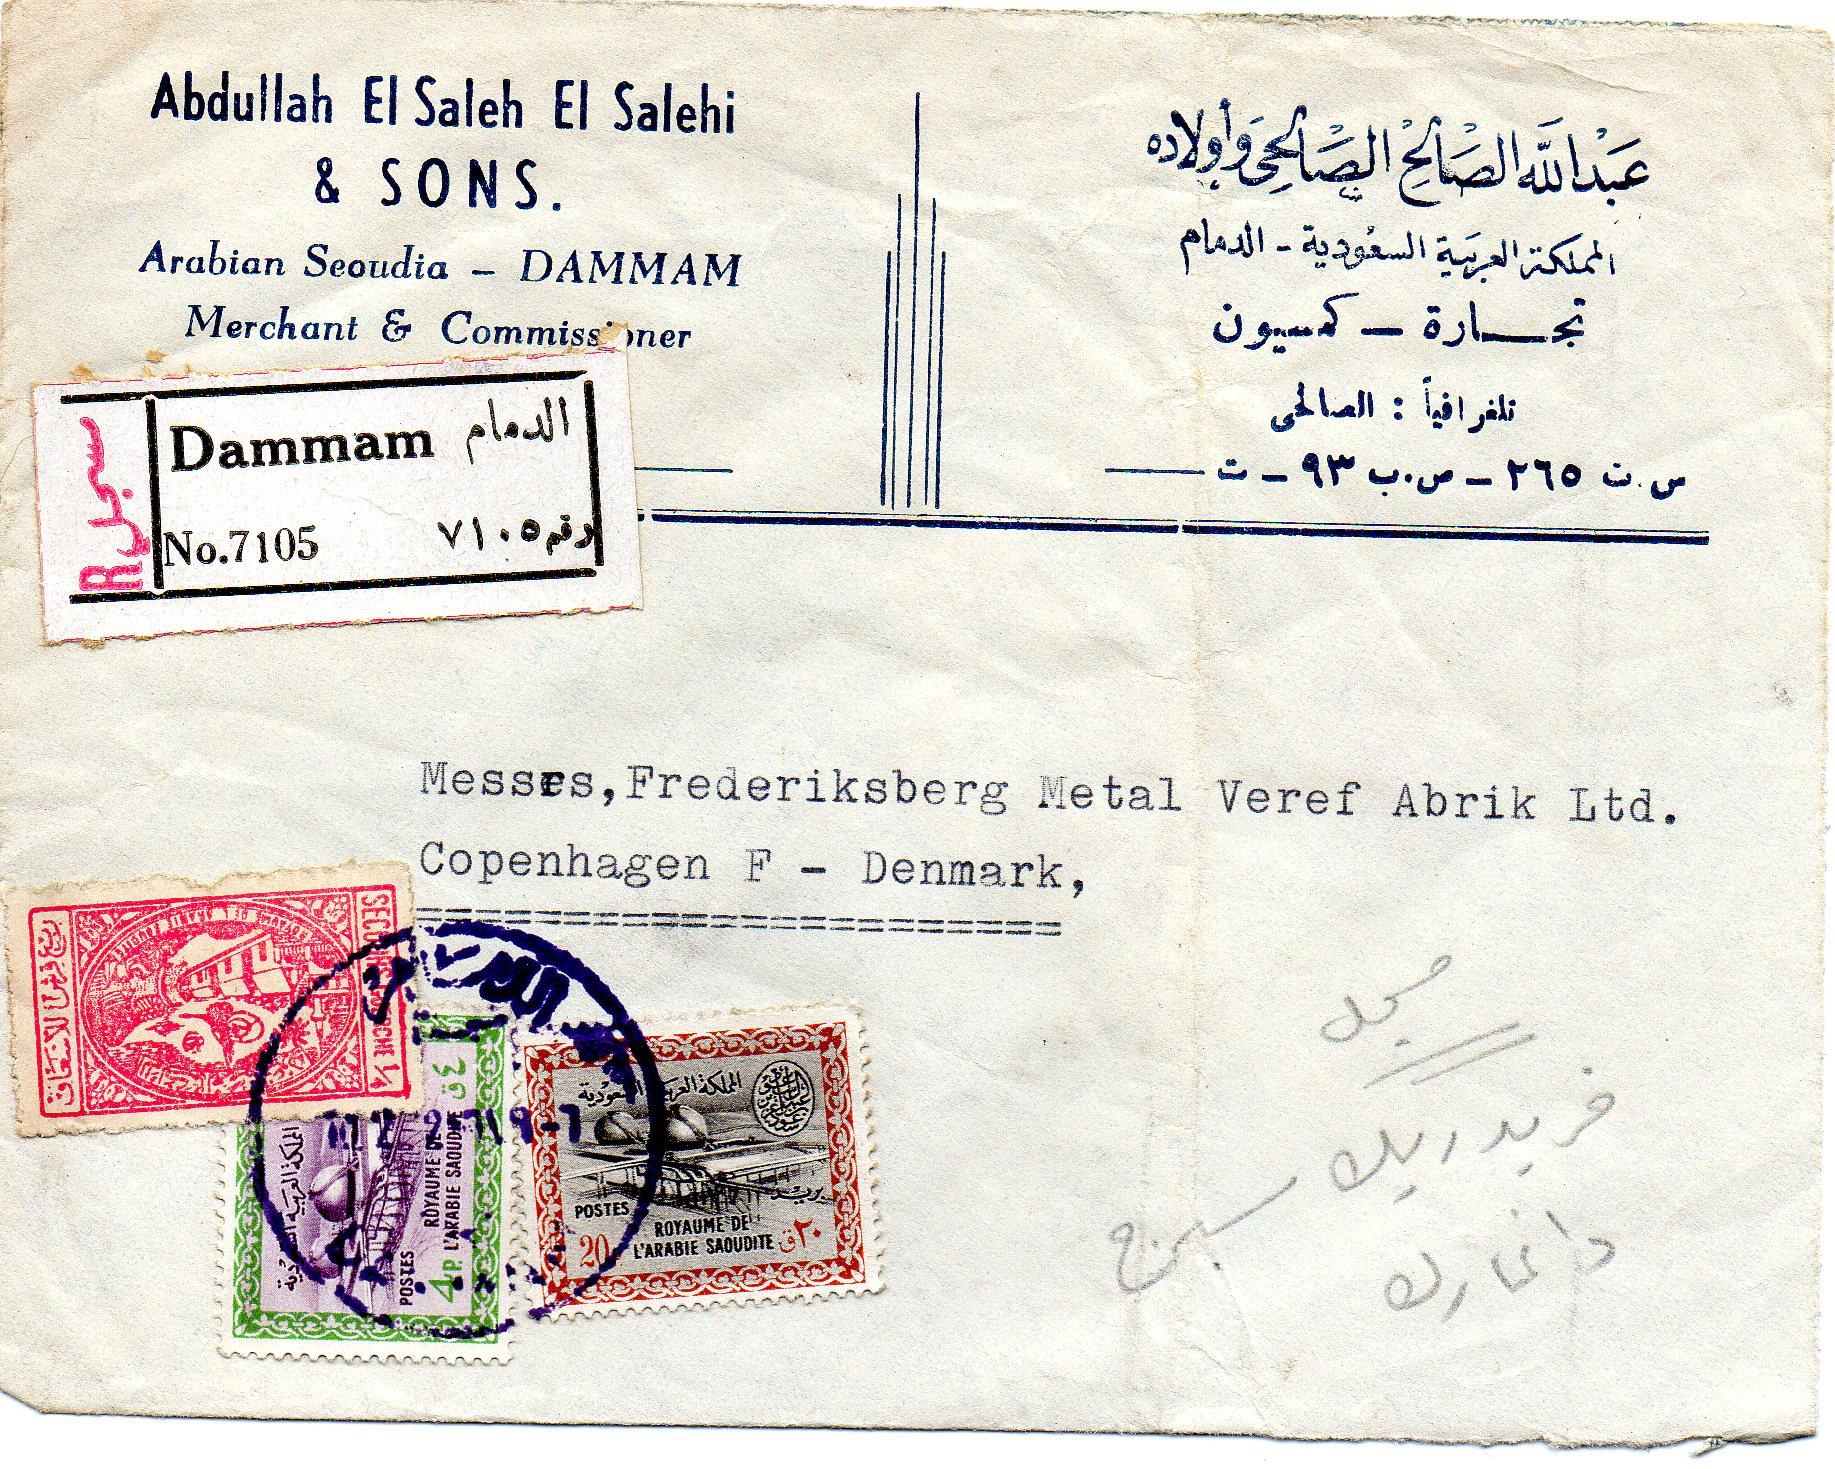 Saudi Arabien til Danamr 1961